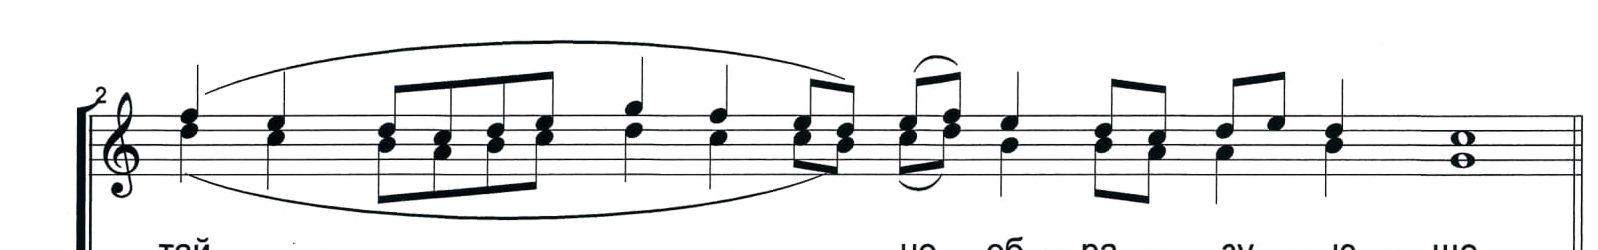 Херувимская песнь. Обиход